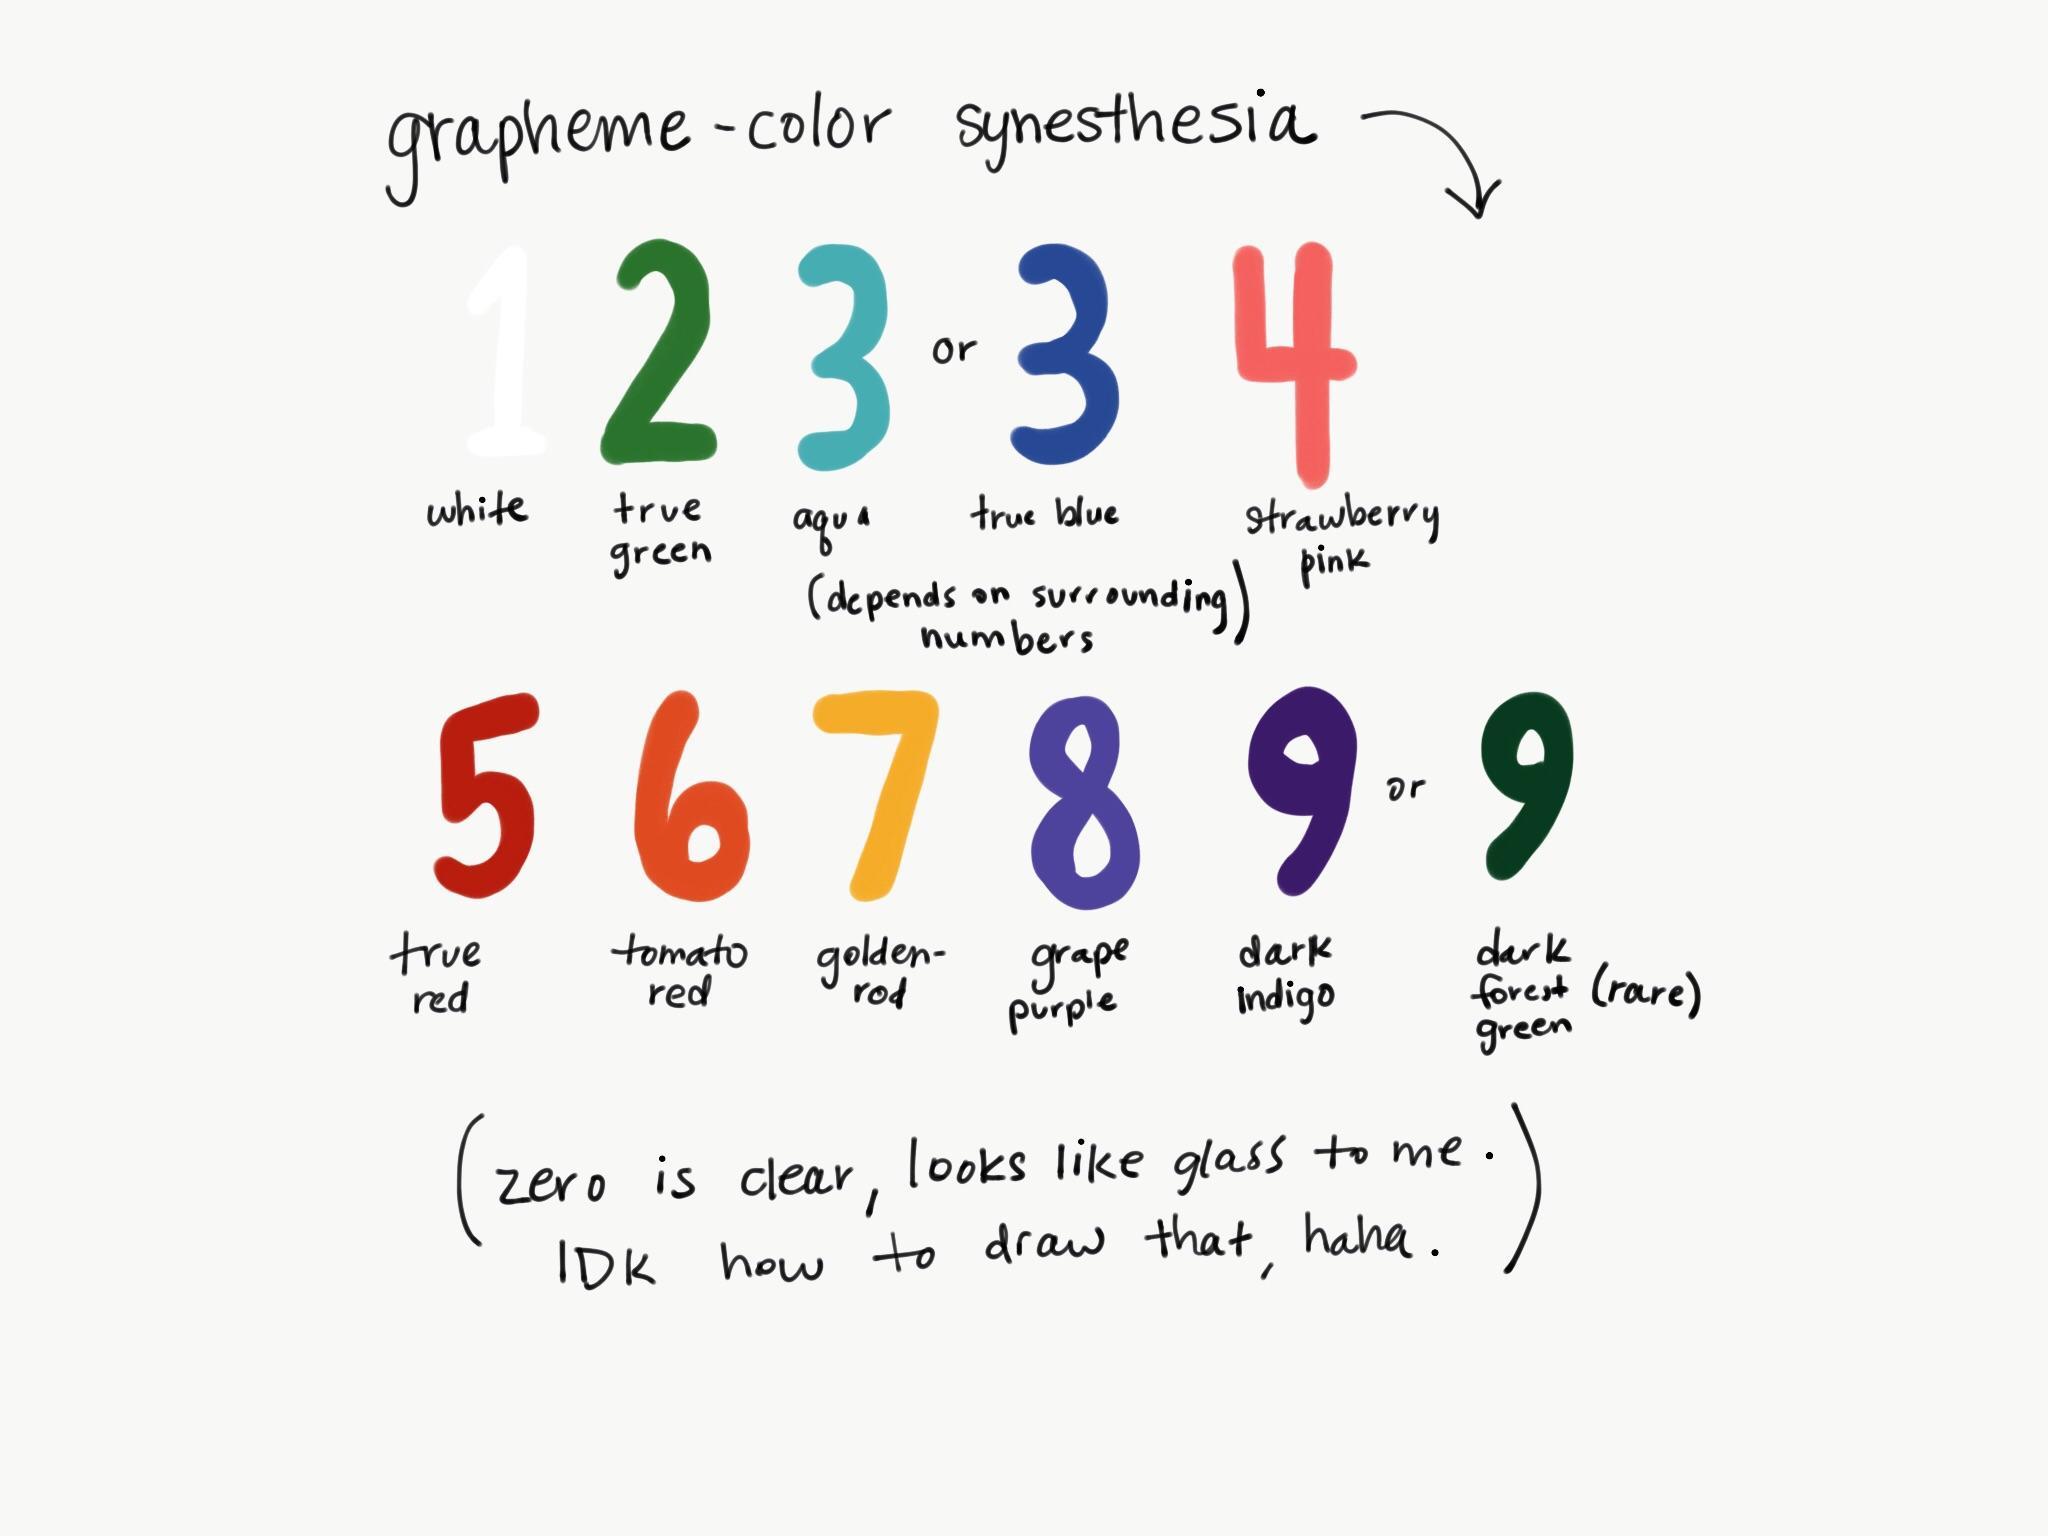 My grapheme color synesthesia Synesthesia 2048x1536